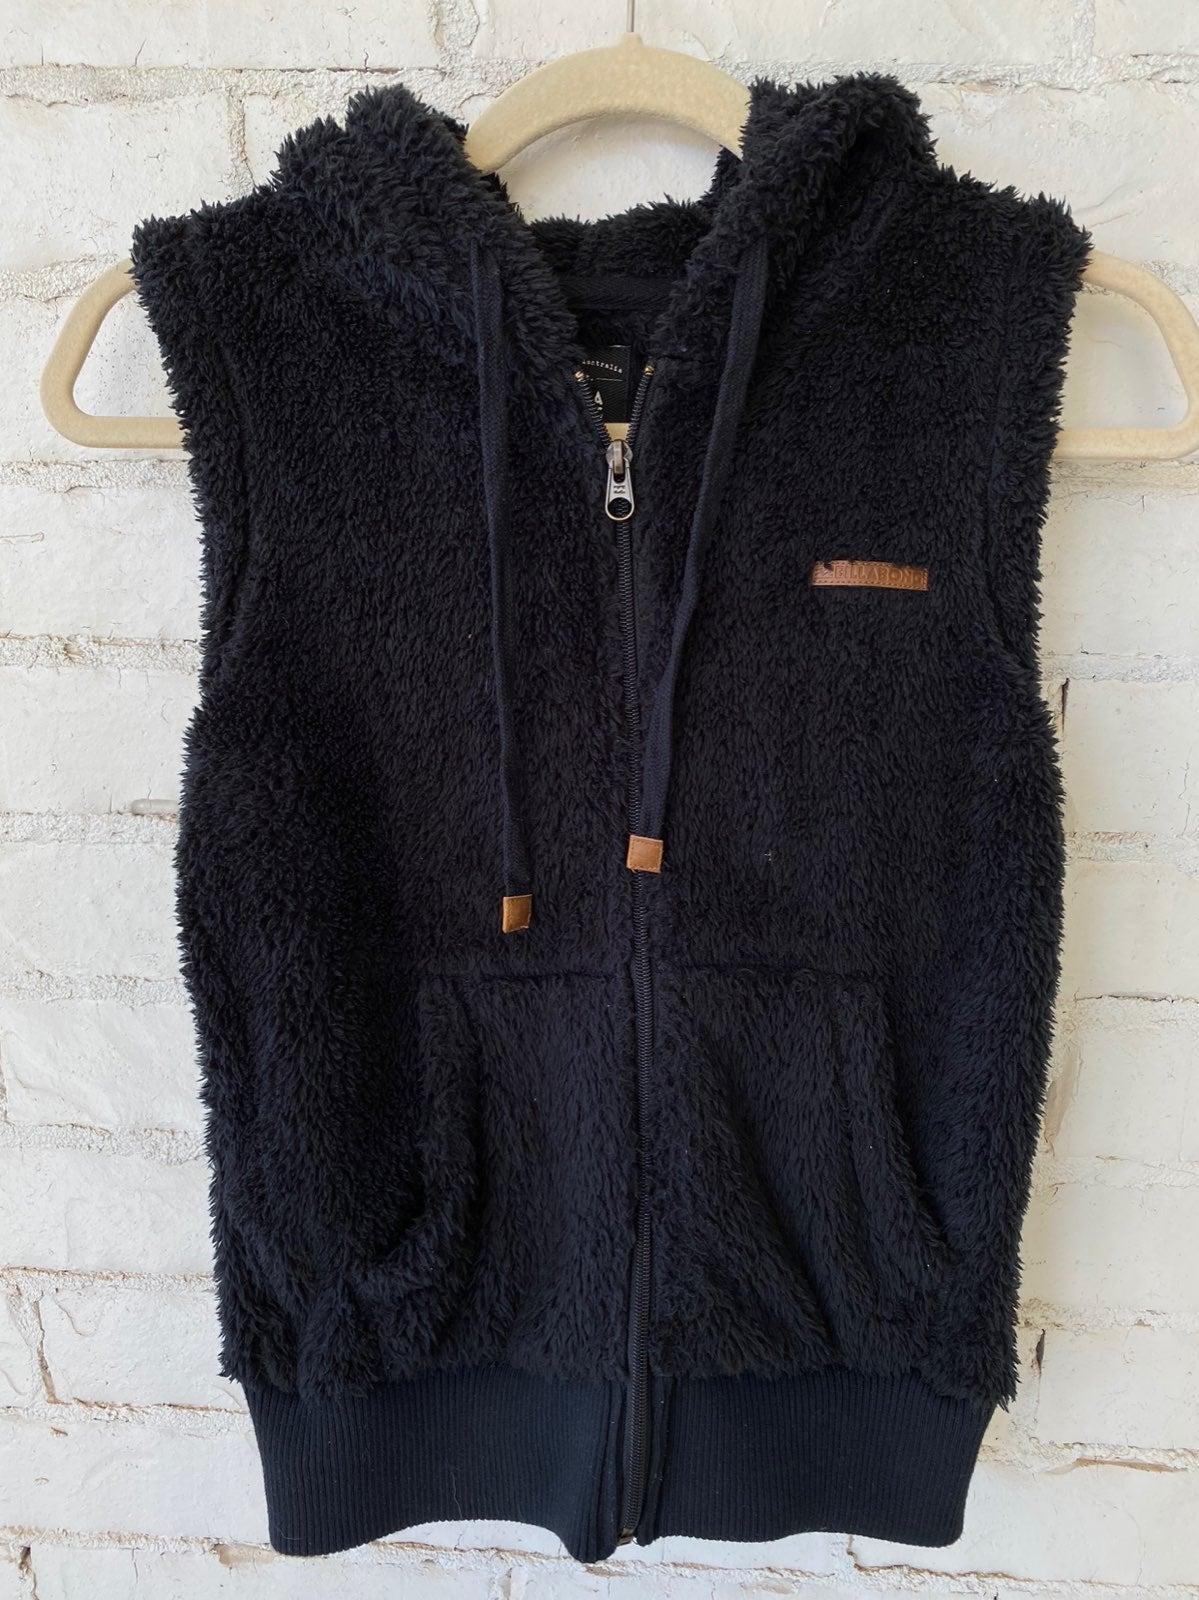 Billabong Fuzzy Vest, sz xsmall